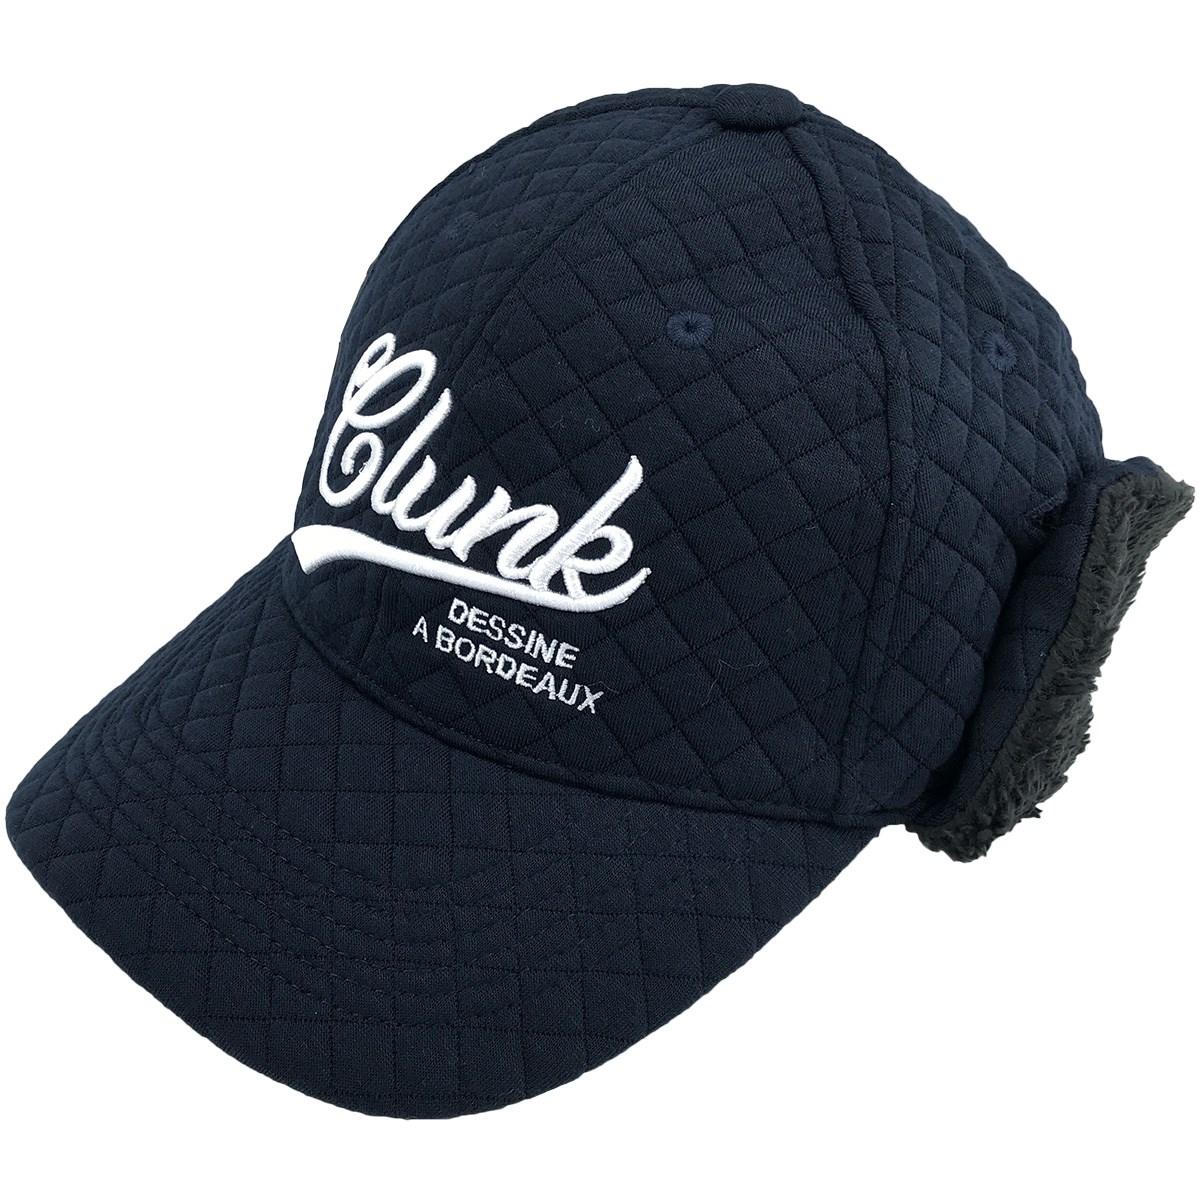 クランク(Clunk) ニットキルトシコロ付きキャップ